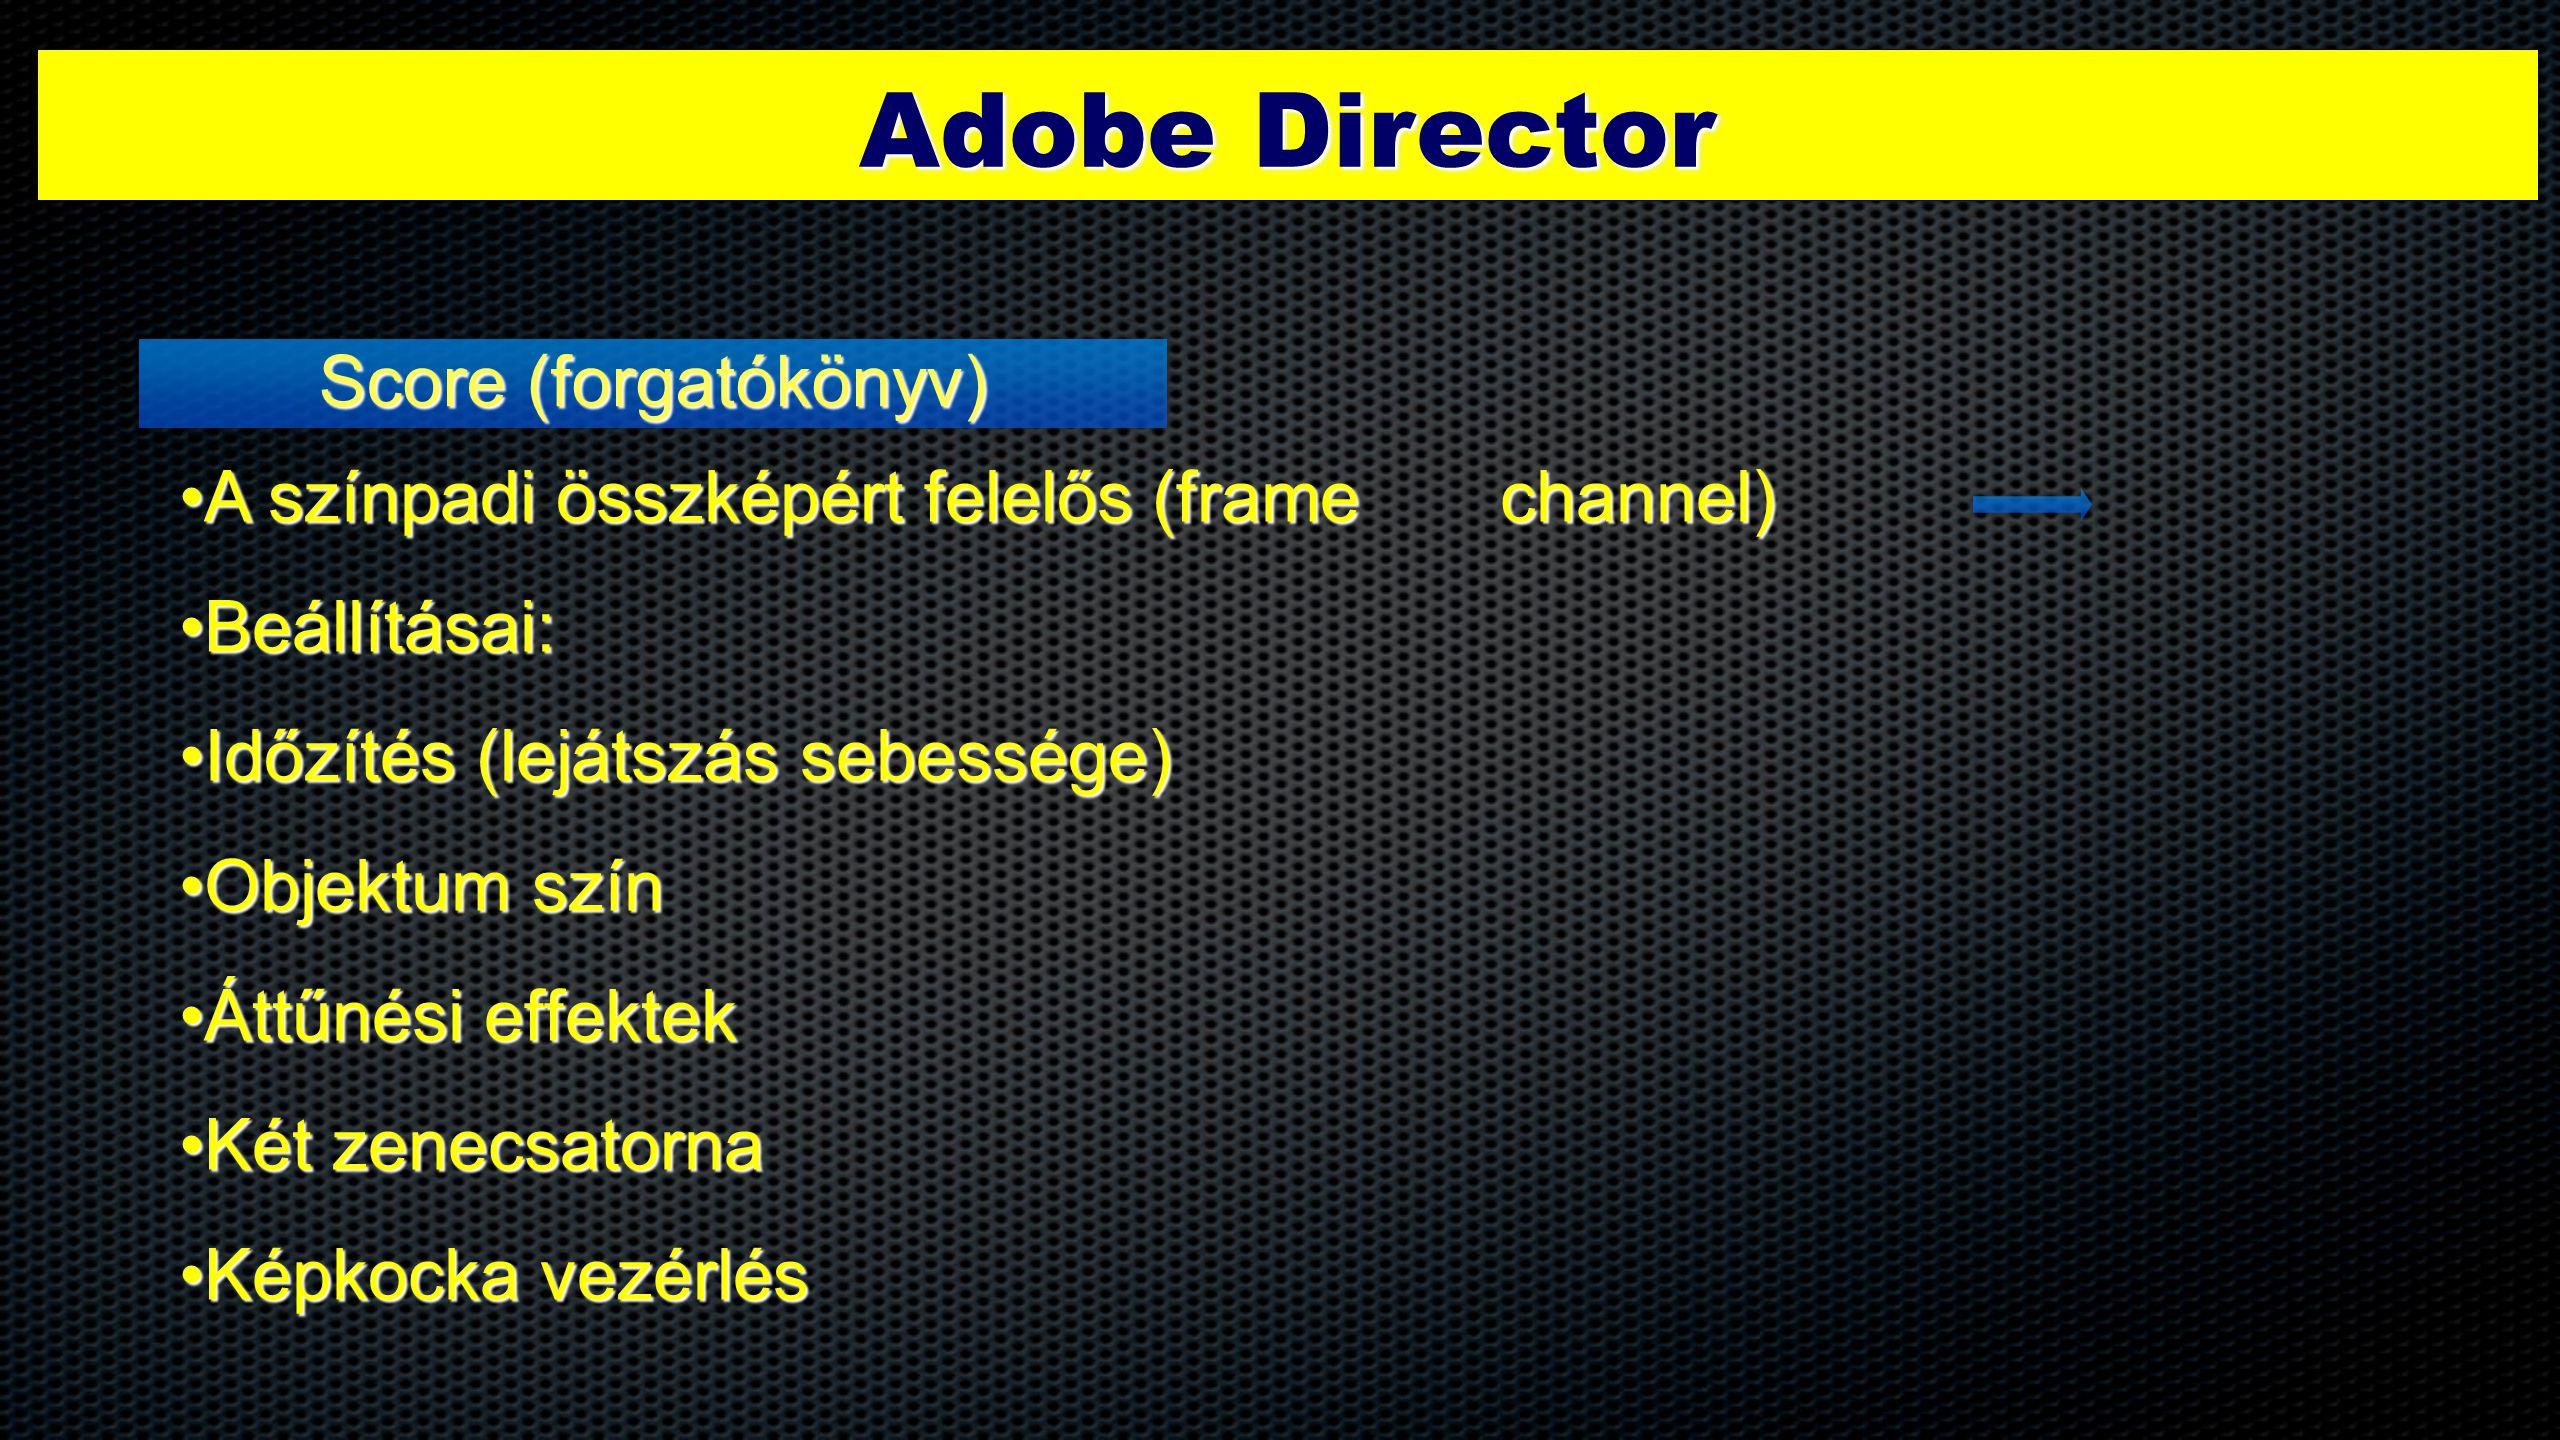 Adobe Director Score (forgatókönyv) •A színpadi összképért felelős (frame channel) •Beállításai: •Időzítés (lejátszás sebessége) •Objektum szín •Áttűn